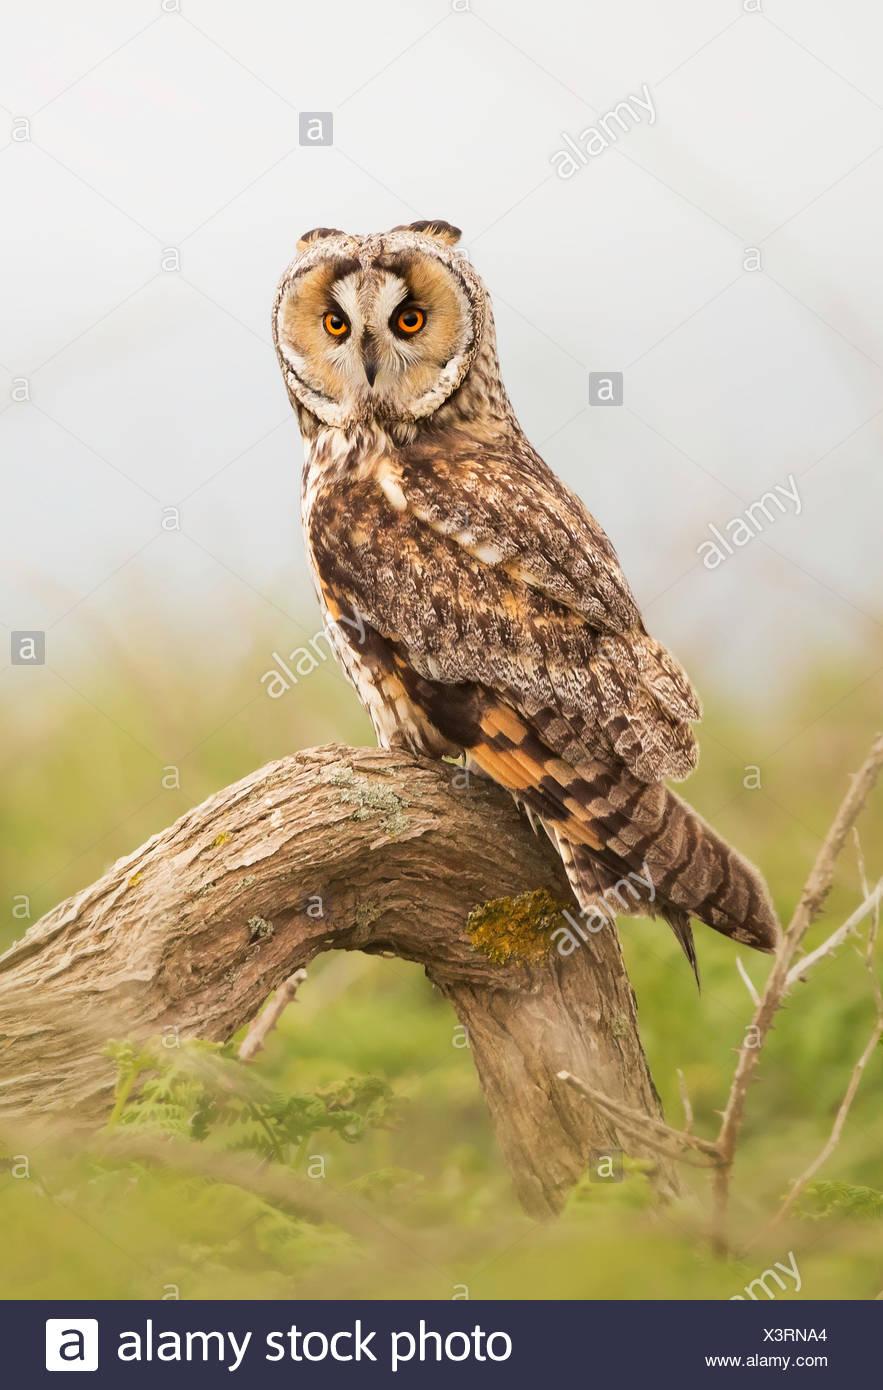 Búho de orejas largas (asio otus) posado en una rama, Jersey, Islas del Canal, REINO UNIDO Imagen De Stock